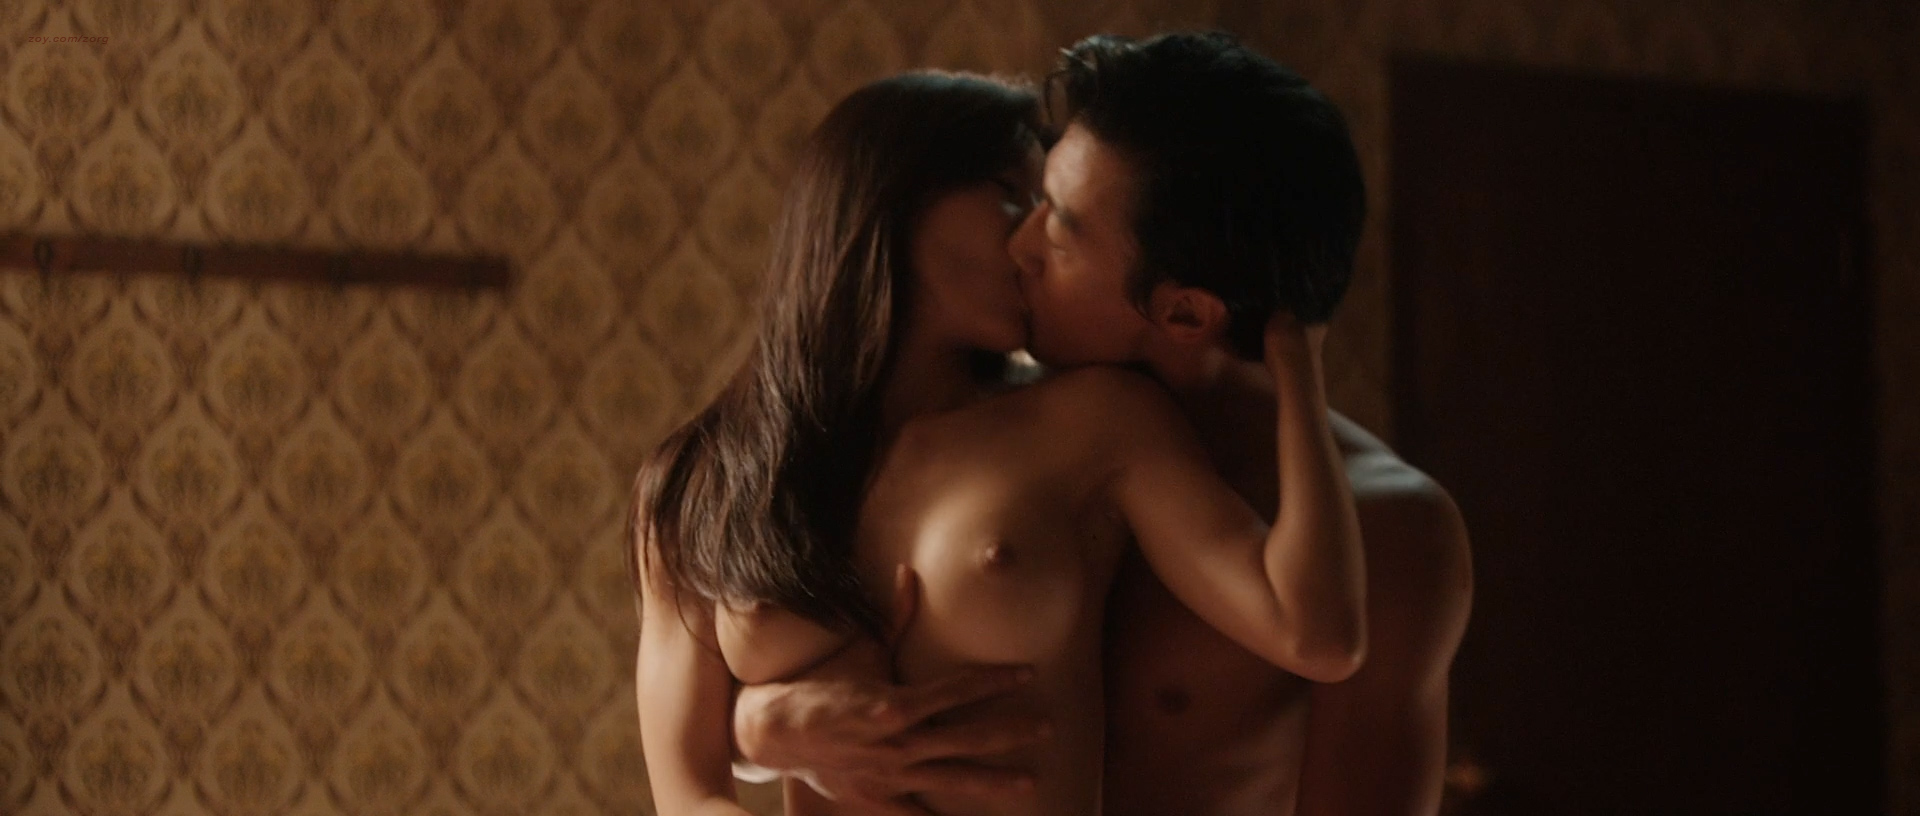 Roberts all nadia bjorlin nude love scenes sex experience xxx